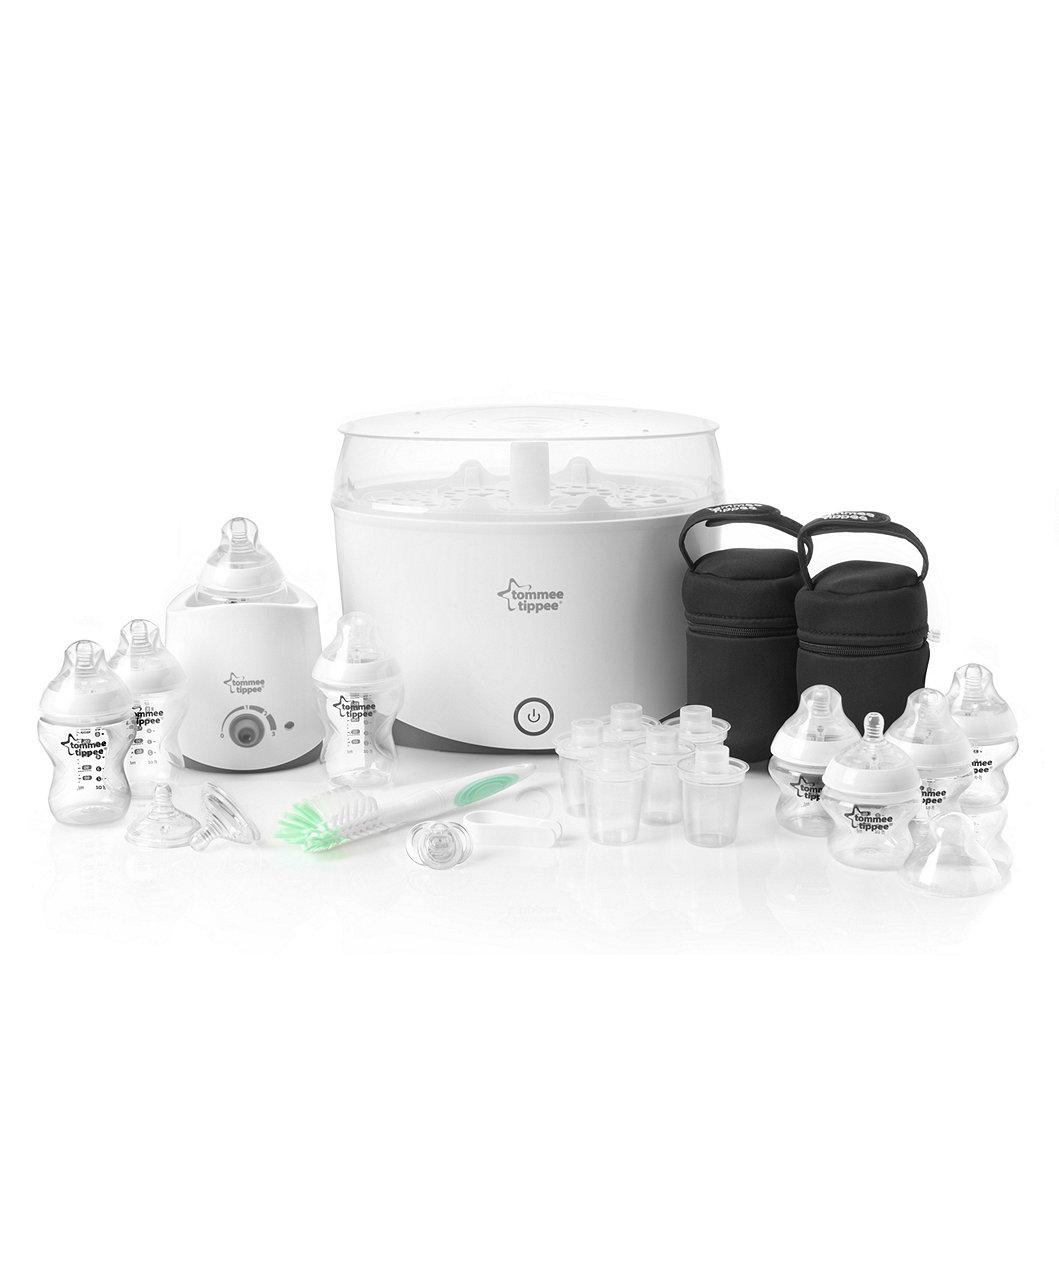 Tommee Tippee Feeding And Sterilisation Set